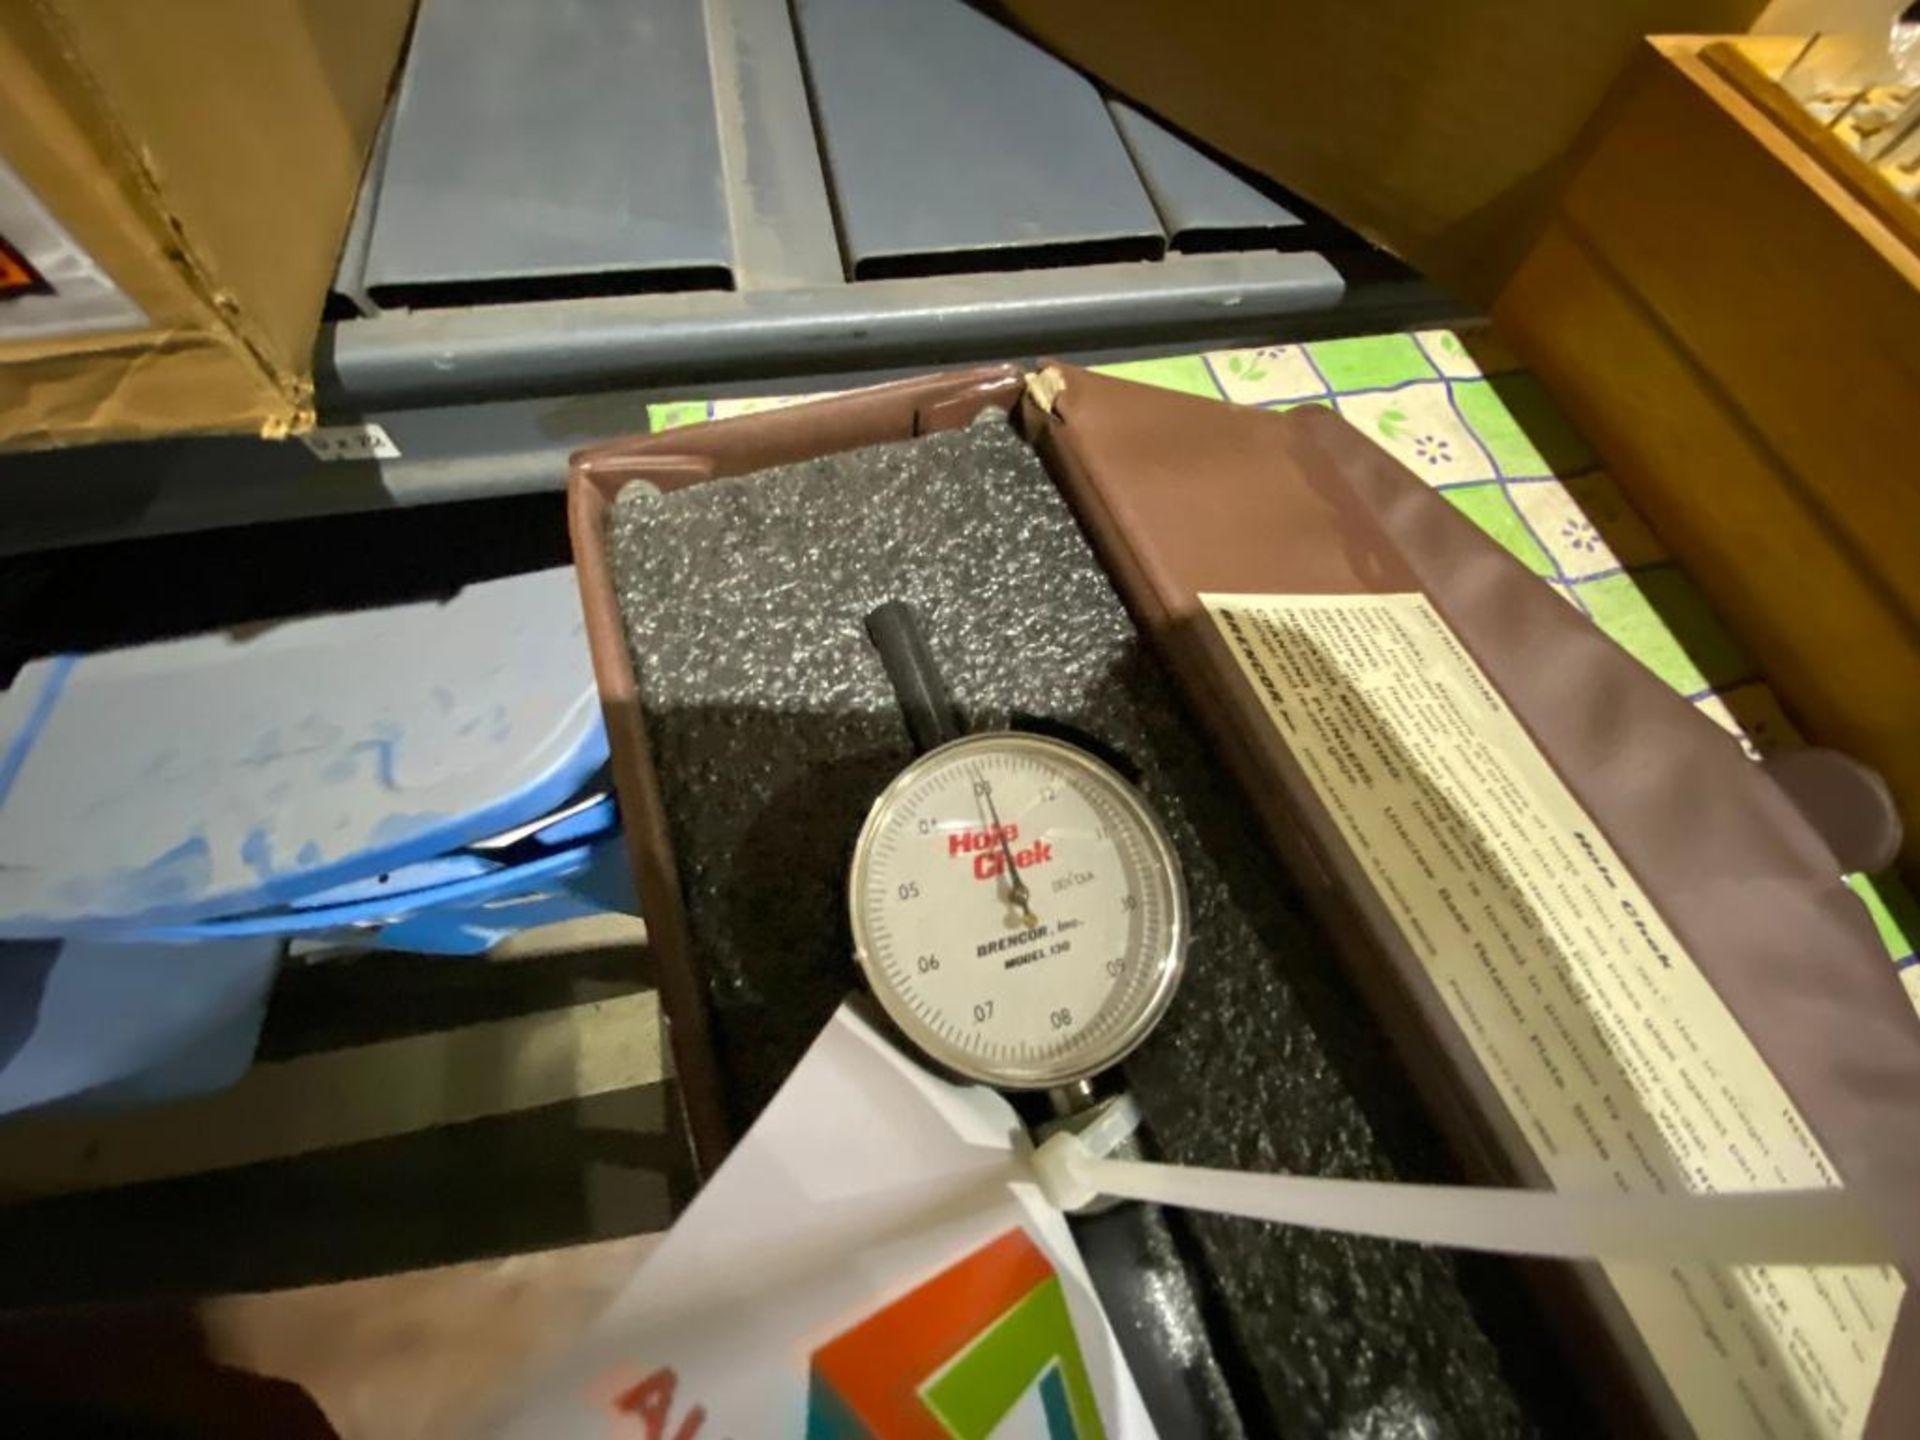 Hole Chek bore gauge - Image 3 of 3